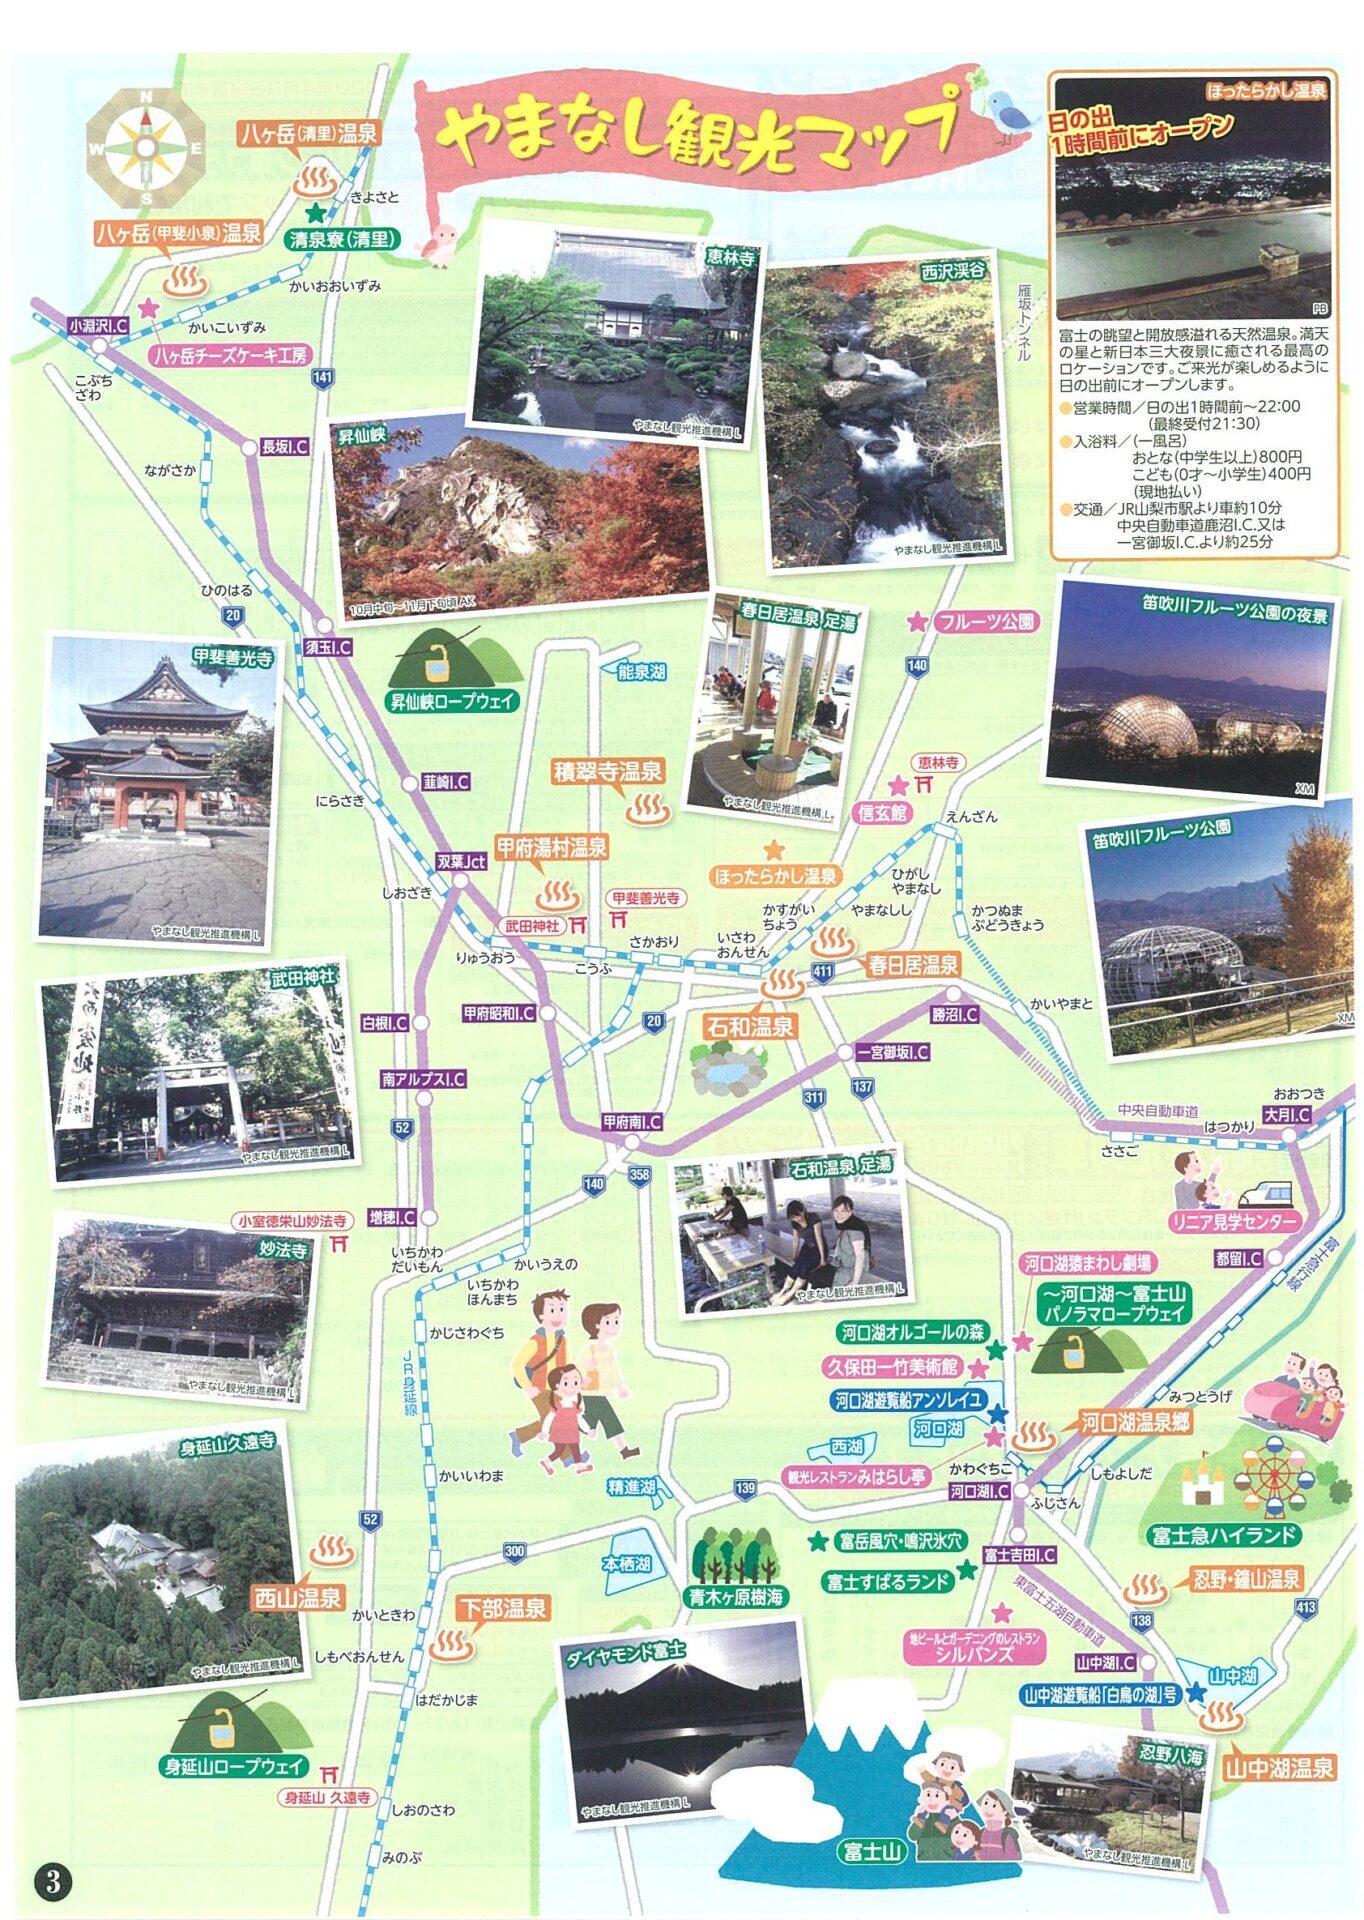 【旅コレクション】山梨・富士河口湖・石和へ行こう